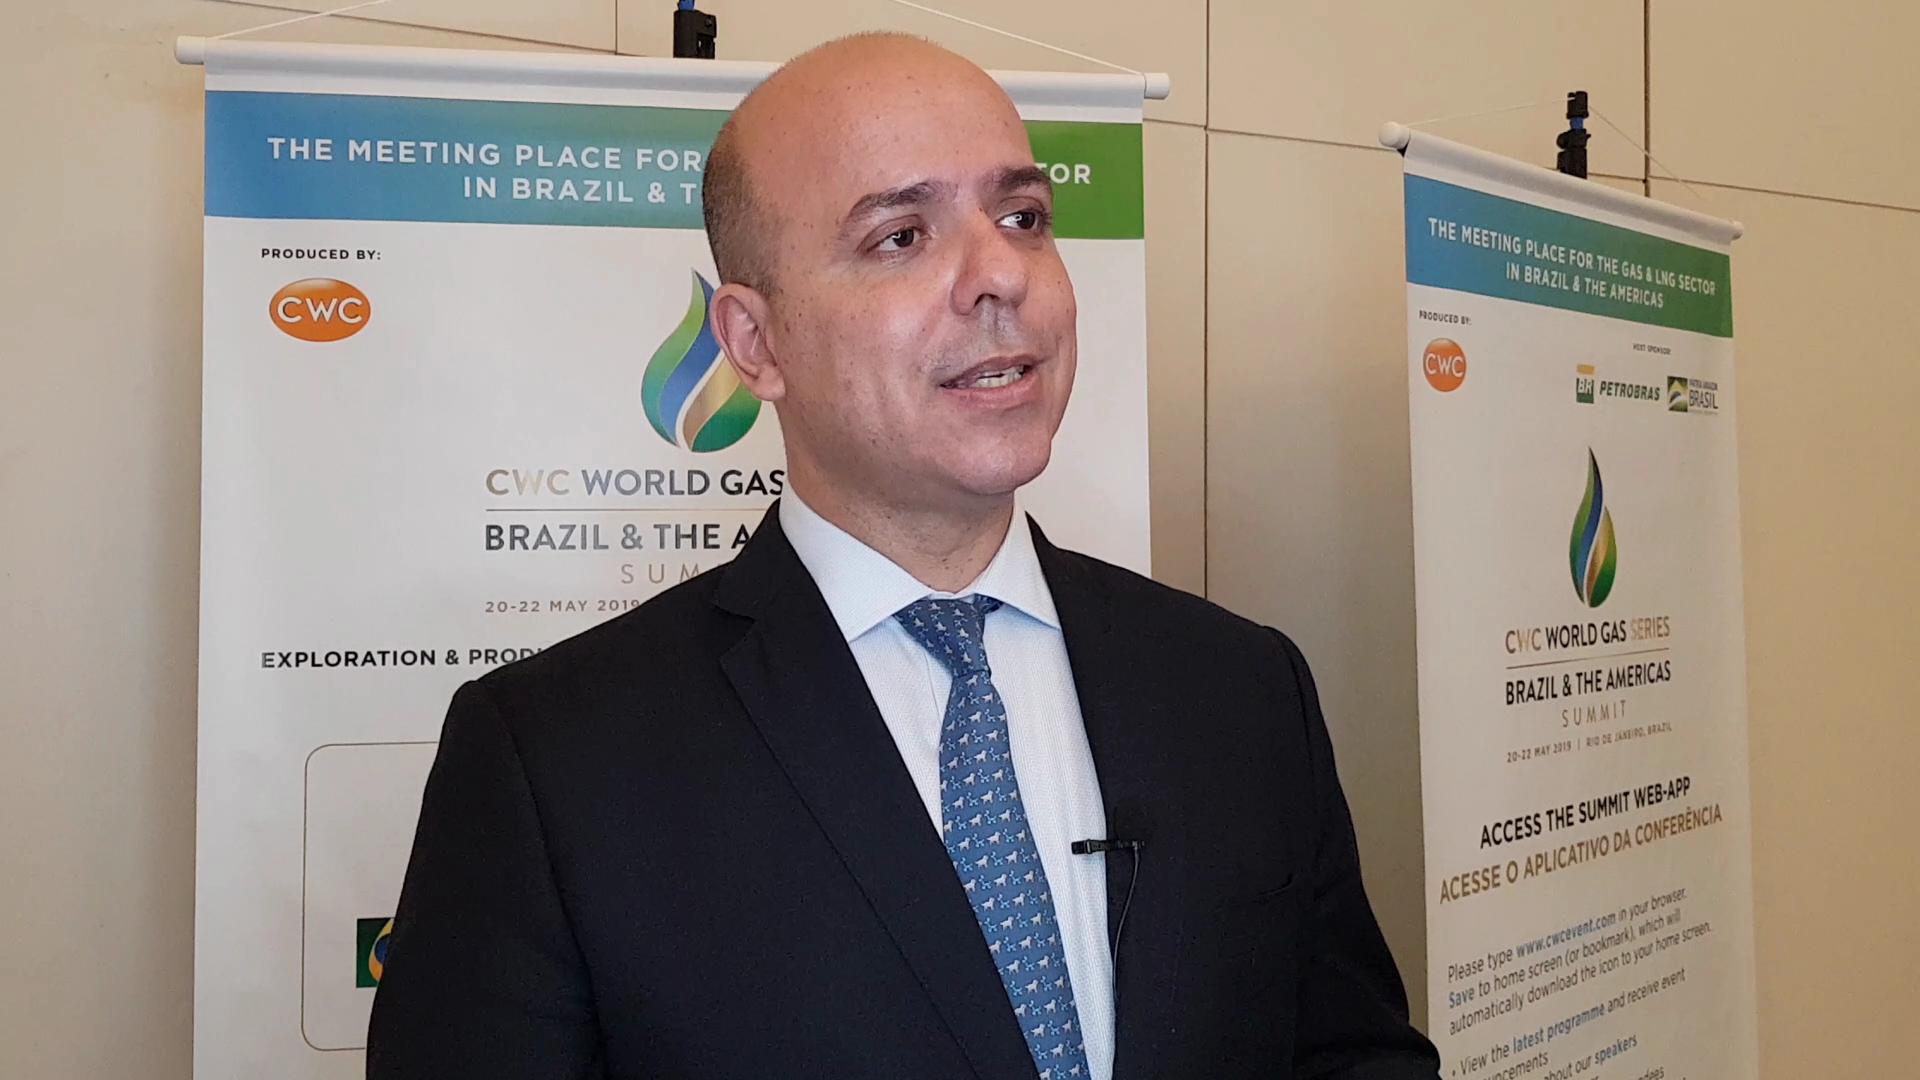 Carlos Alexandre da Costa, Secretário Especial de Produtividade, Emprego e Competitividade do Ministério da Economia